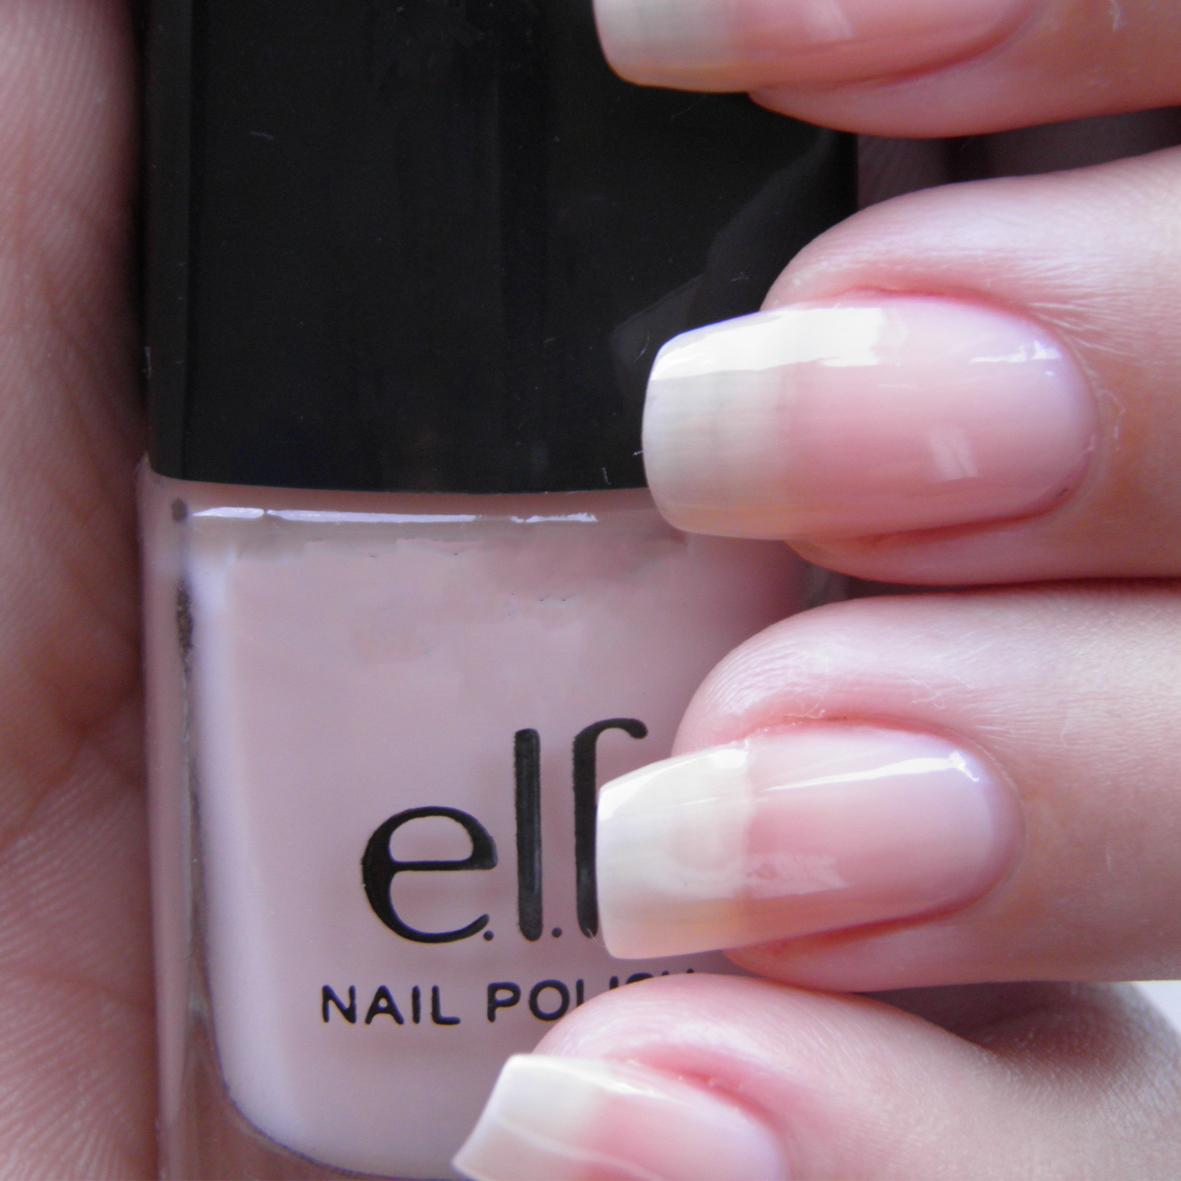 Creative nail art: Elf nail polish review